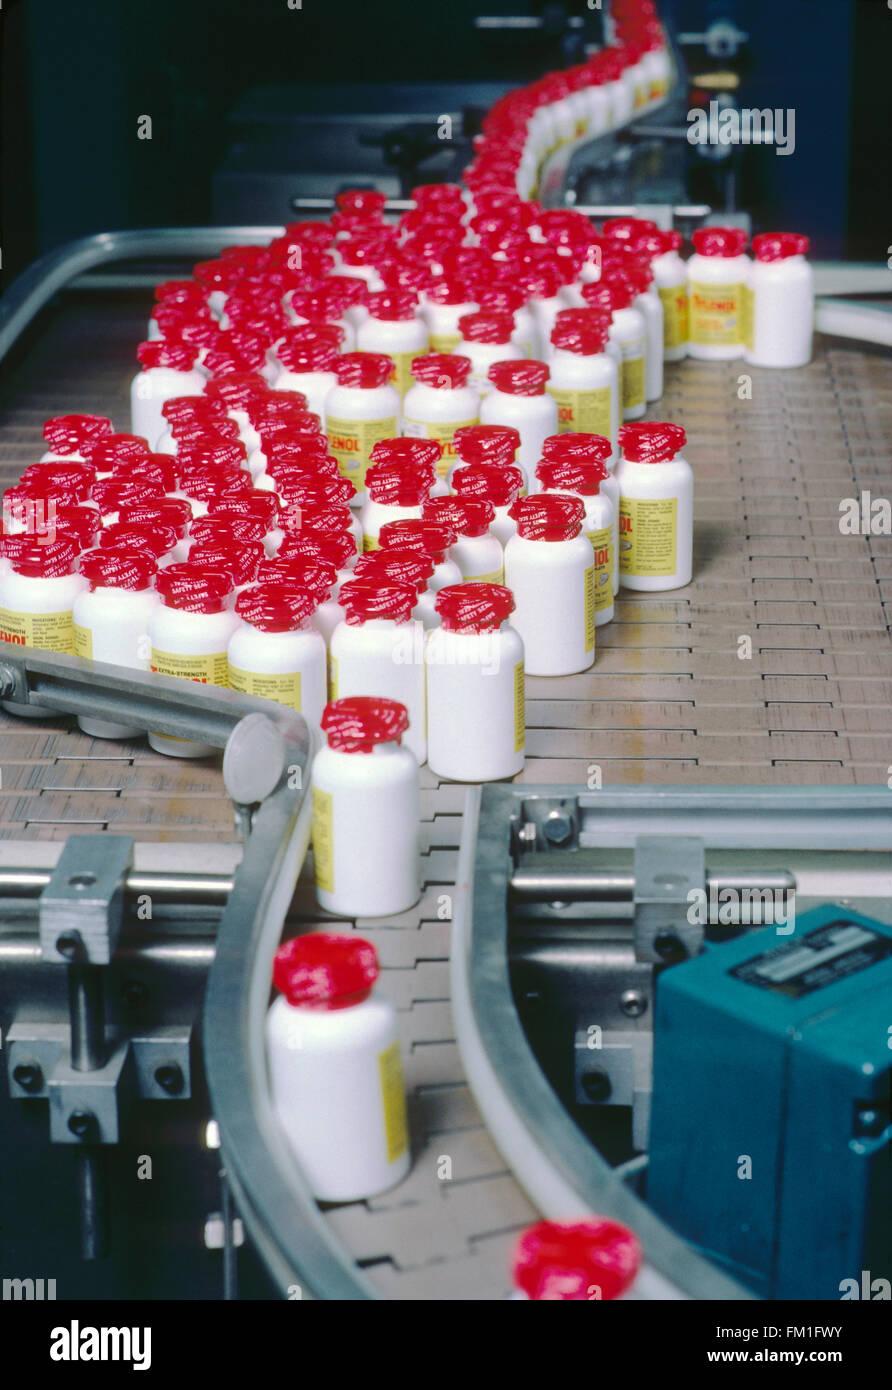 Pharmaceutical production line of bottled Tylenol painkiller tablets - Stock Image